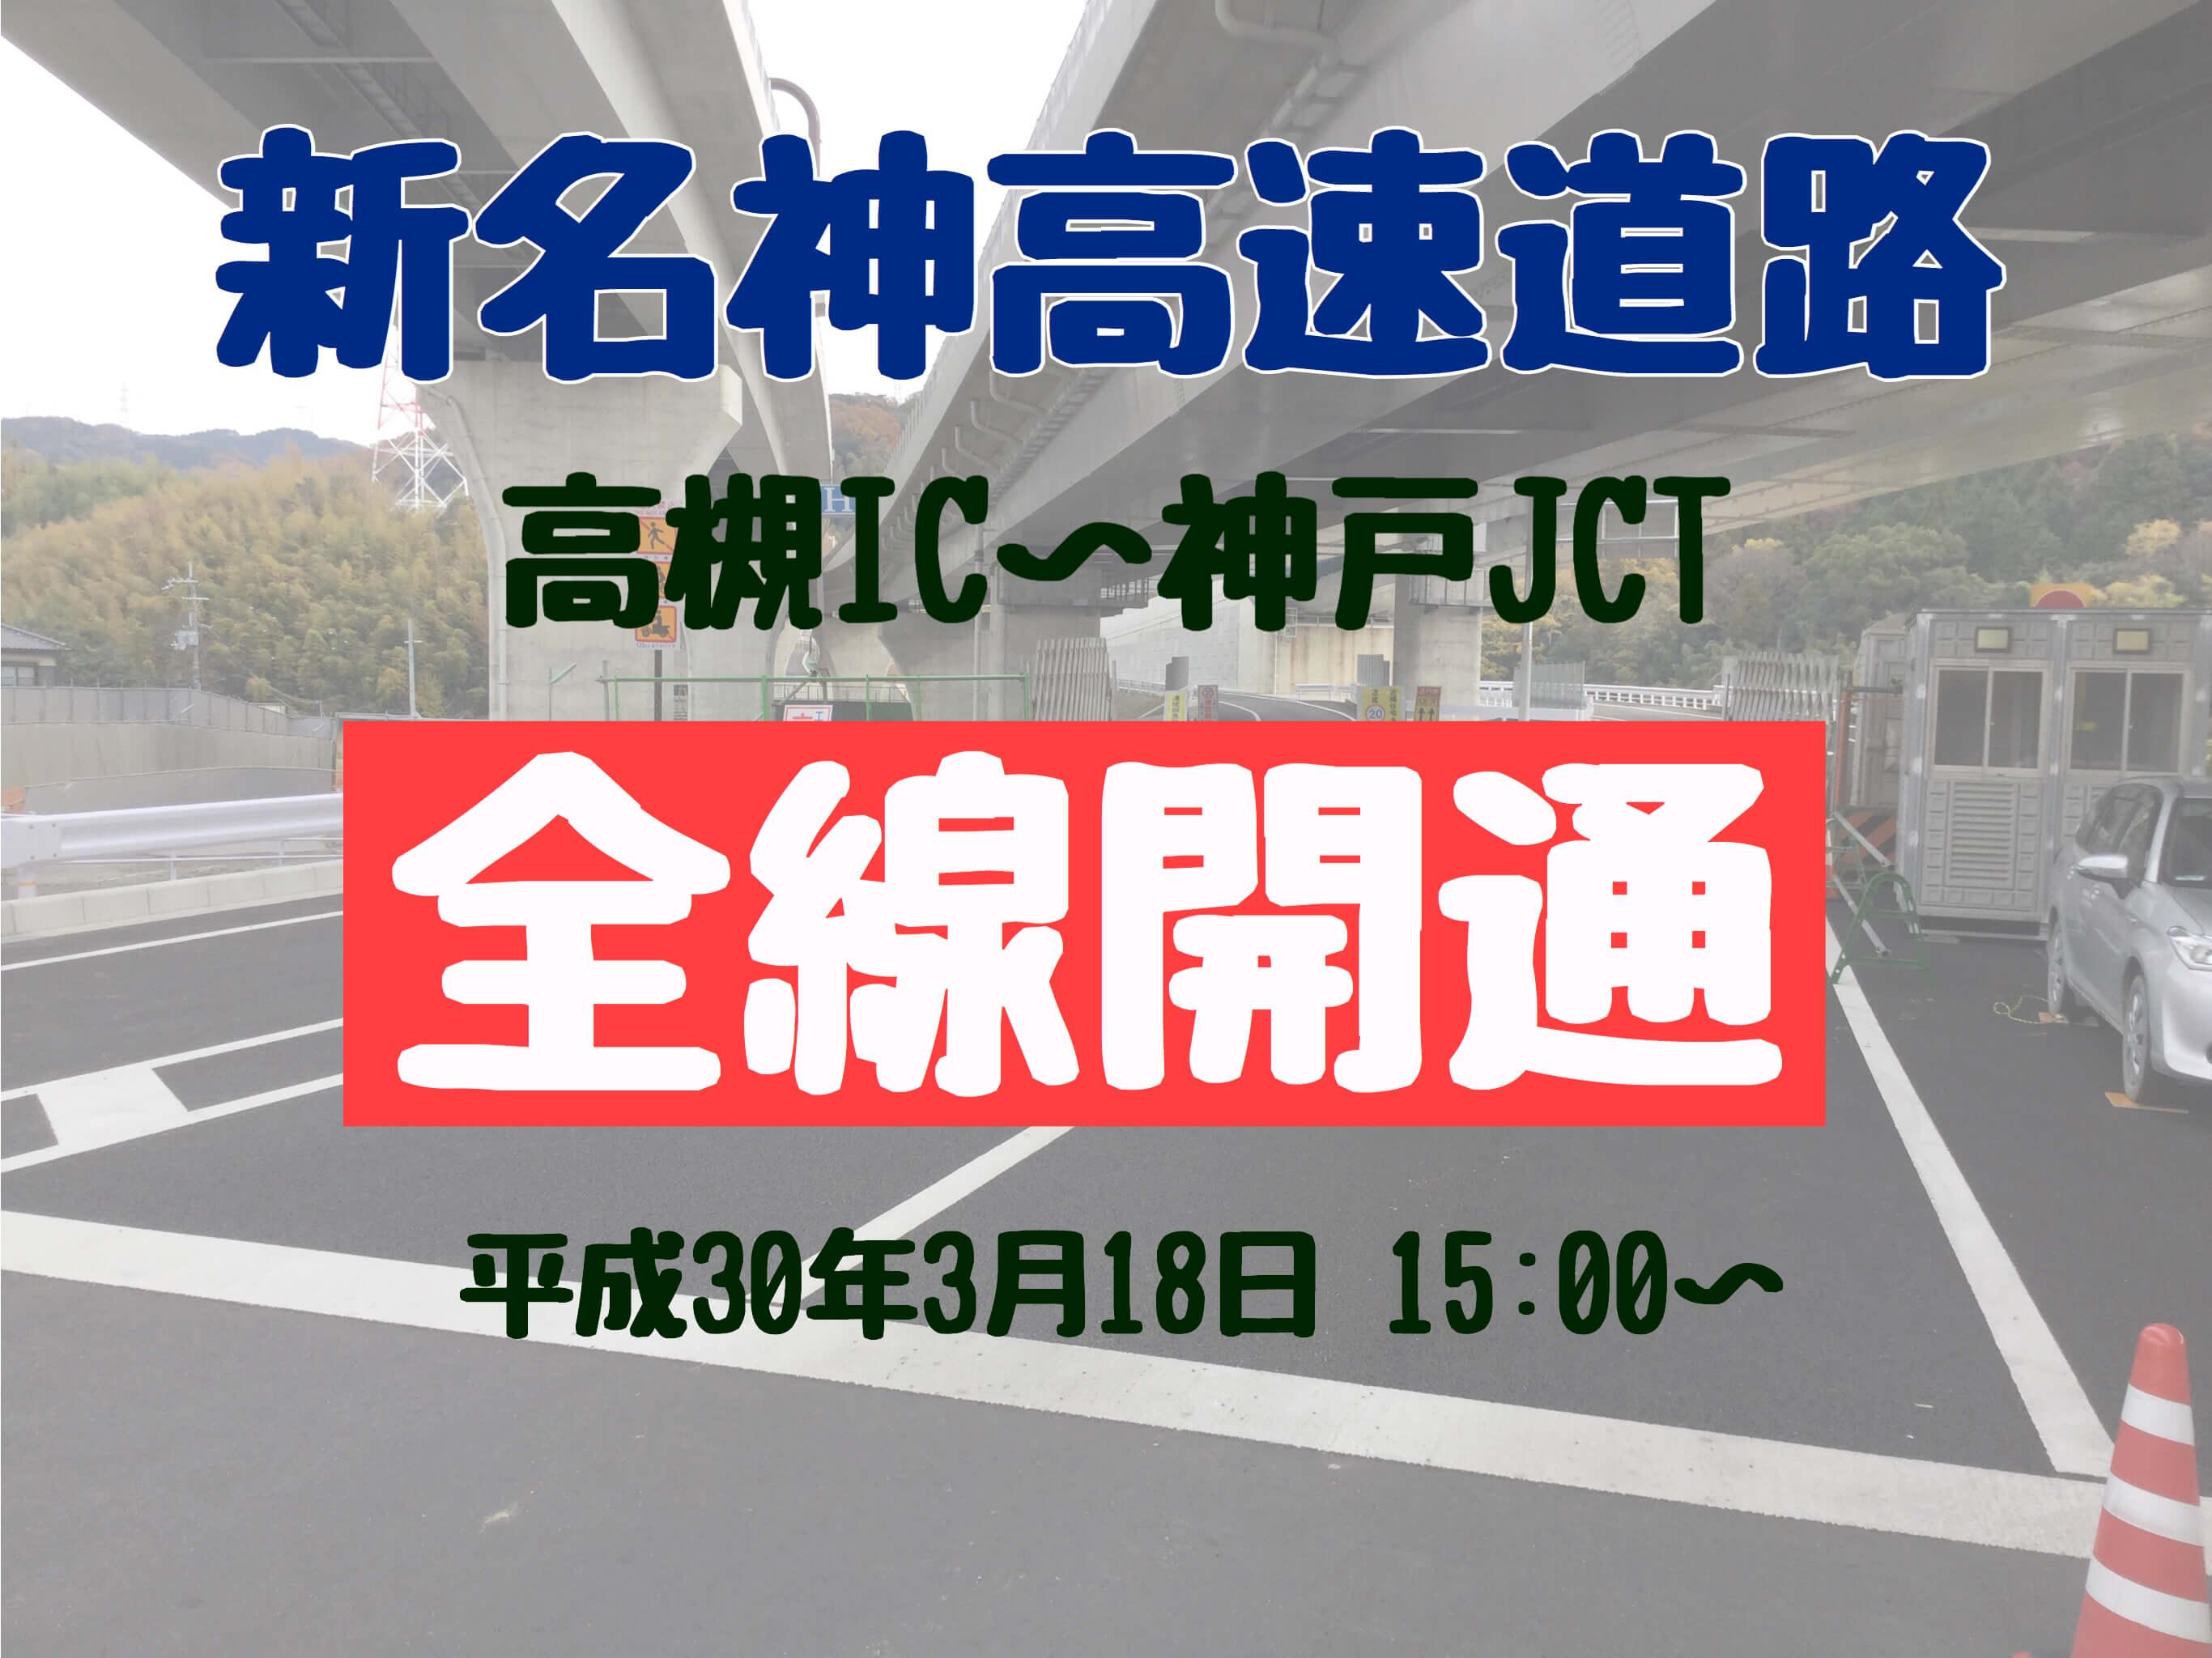 【新名神高速道路】高槻IC~神戸JCTまで全線開通。宝塚北SAも同時オープンします。